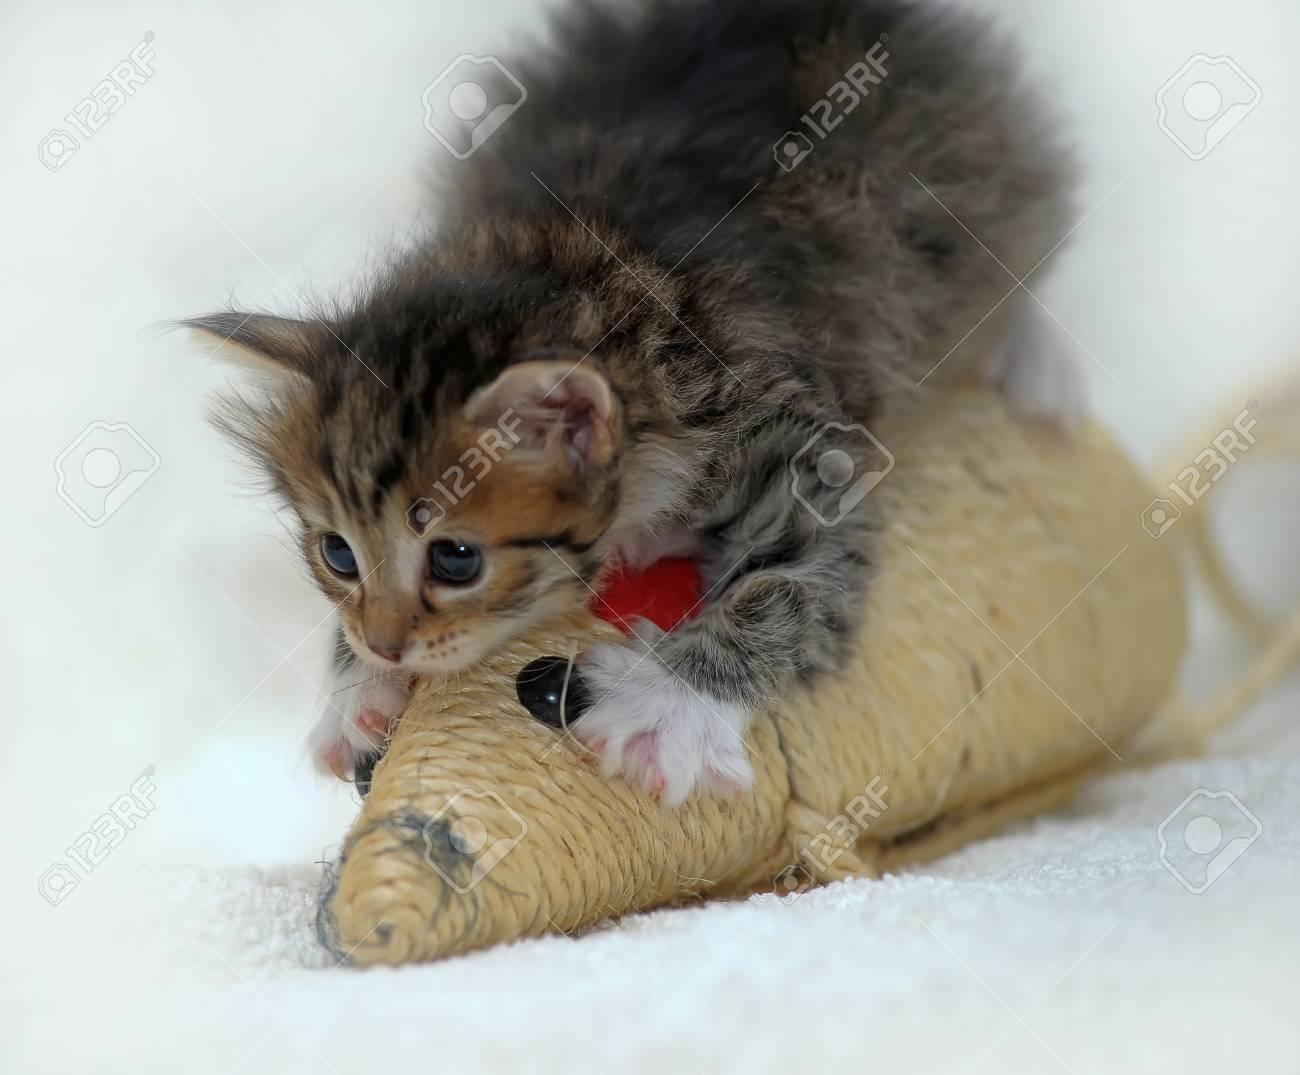 small cute kitten Stock Photo - 13754164